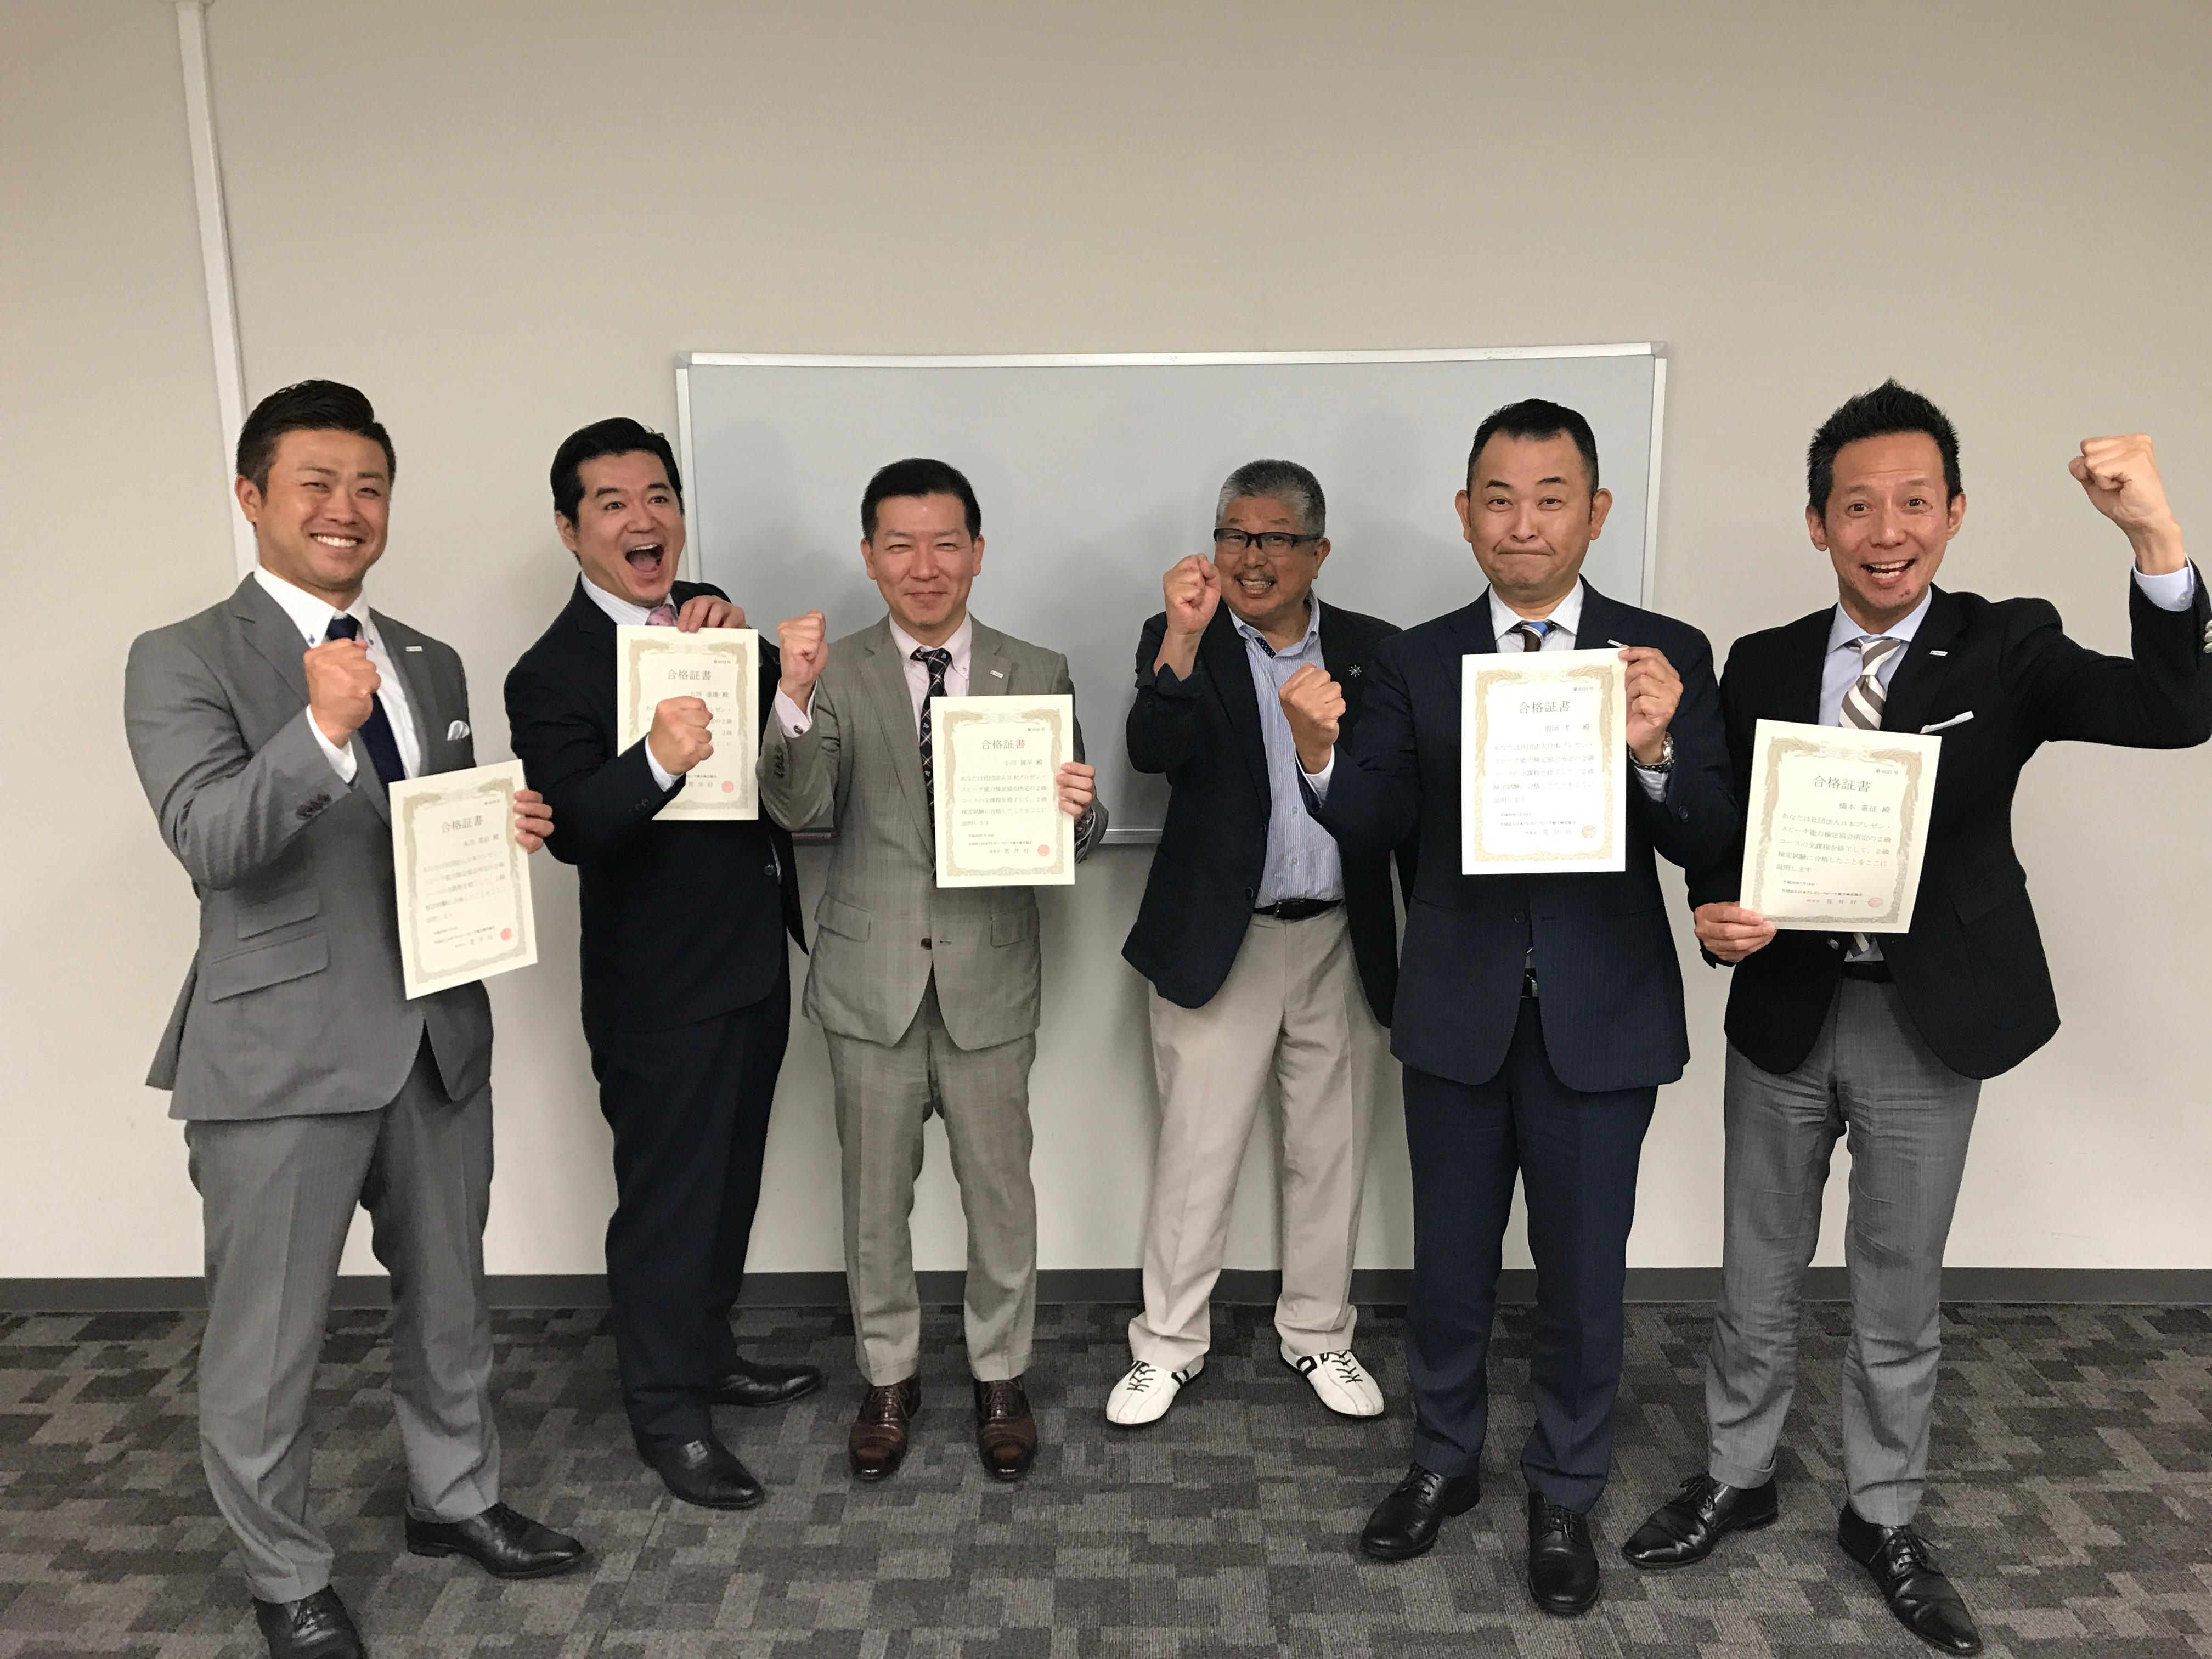 福岡2期検定試験の審査と合格証を手渡してきました。